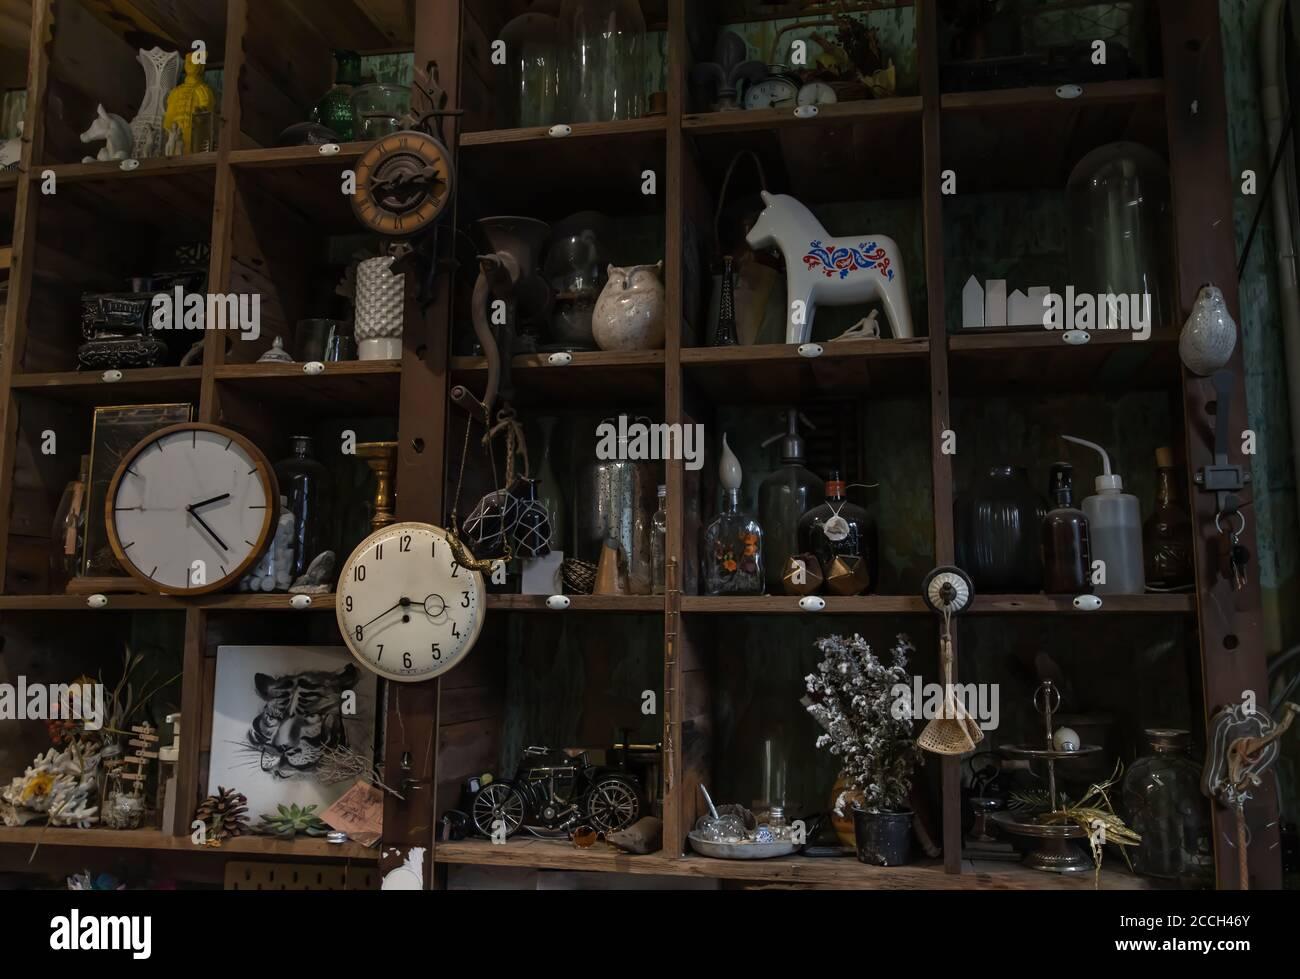 Bangkok, Thailandia - 26 giu 2020 : Orologi da parete e Collectibles su scaffale rustico in legno fatto a mano in stile soggiorno d'epoca. Nessuna messa a fuoco, specifica Foto Stock